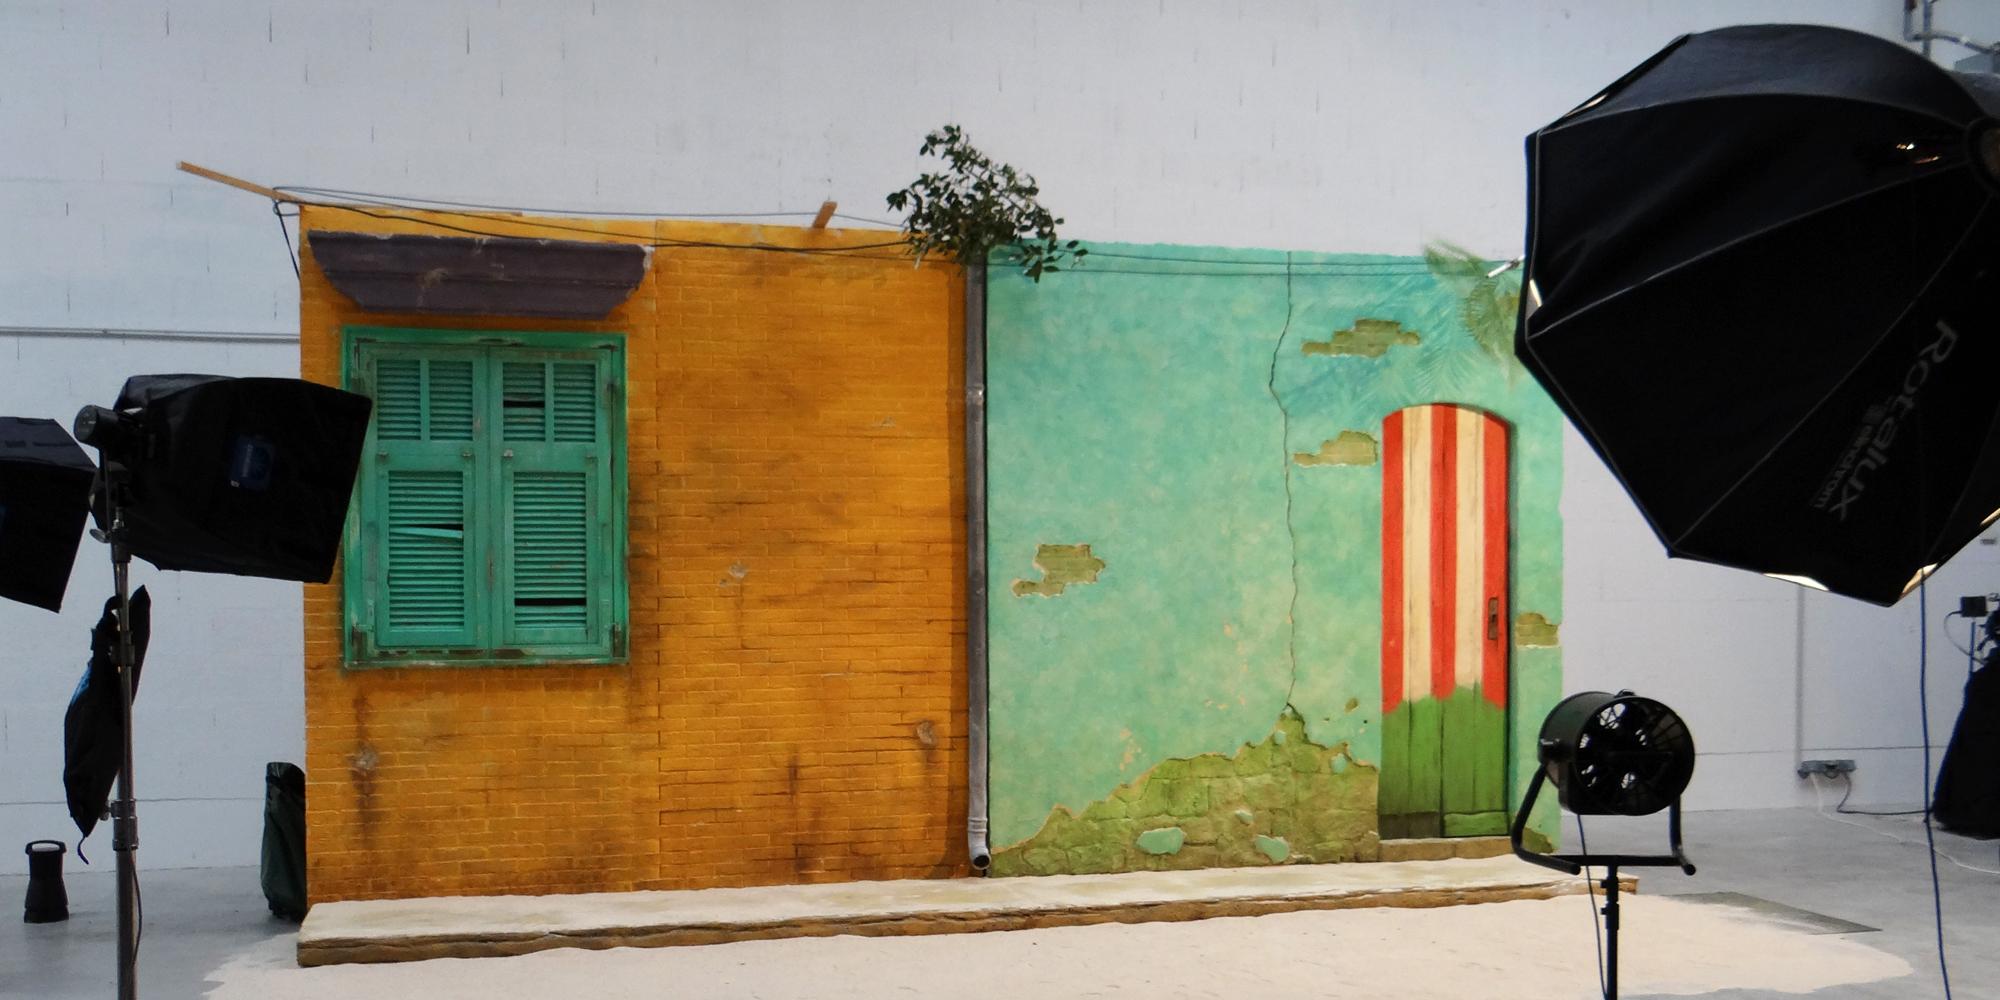 decor de favelas pour shooting publicitaire mode, collection Cache-Cache Oôra by M.Pokora groupe Beaumanoir